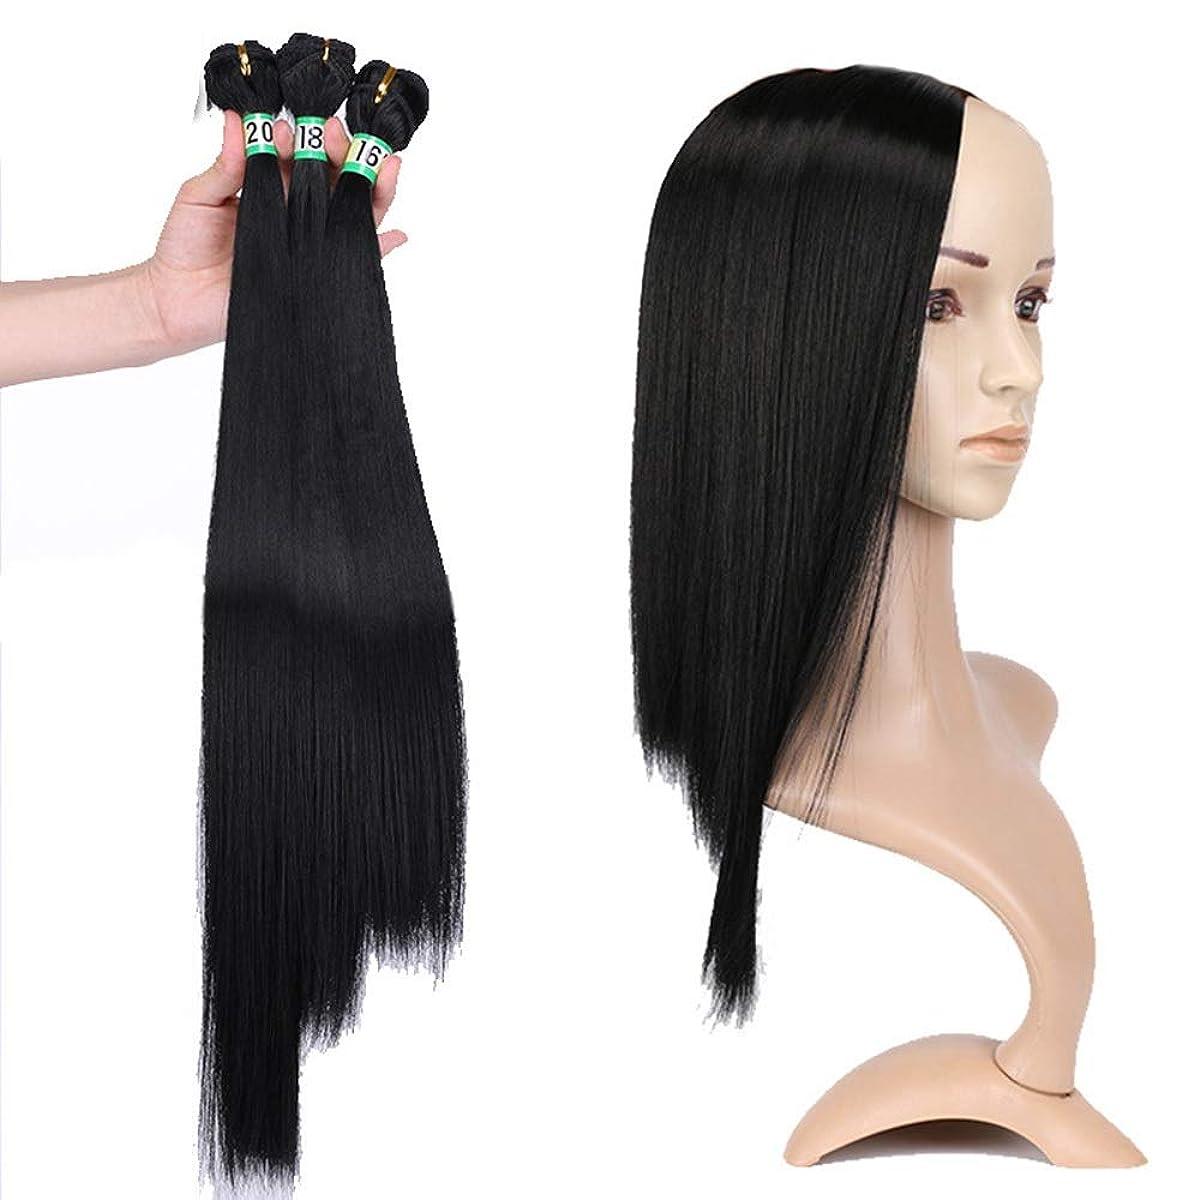 十彼結果Yrattary 人工毛絹のようなストレートの髪織り3バンドル - 1Bナチュラルブラックヘアエクステンション(16